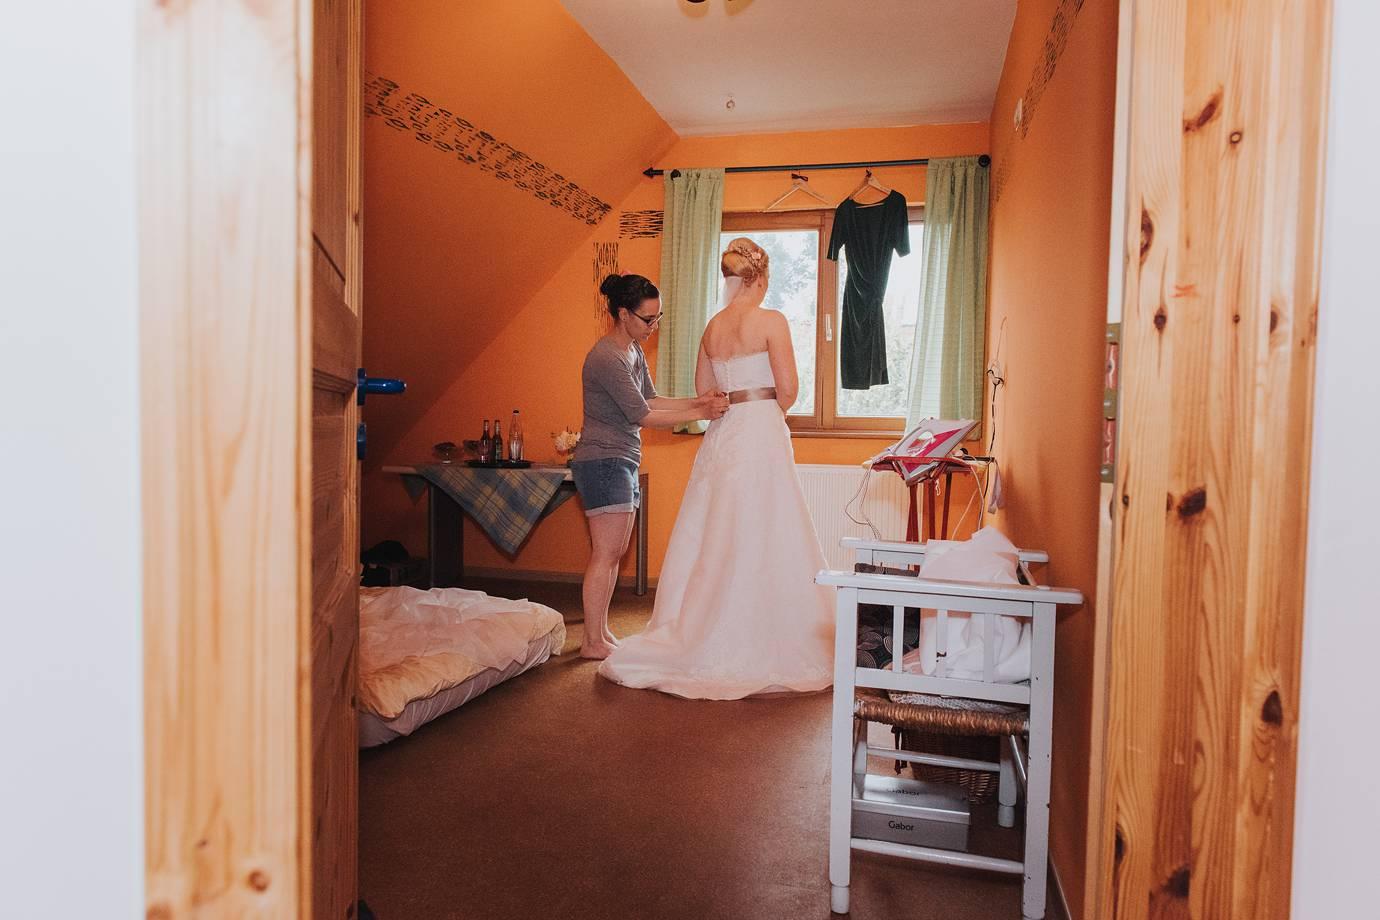 hochzeitsfotograf rotenburg 021 - Rebecca+Malte